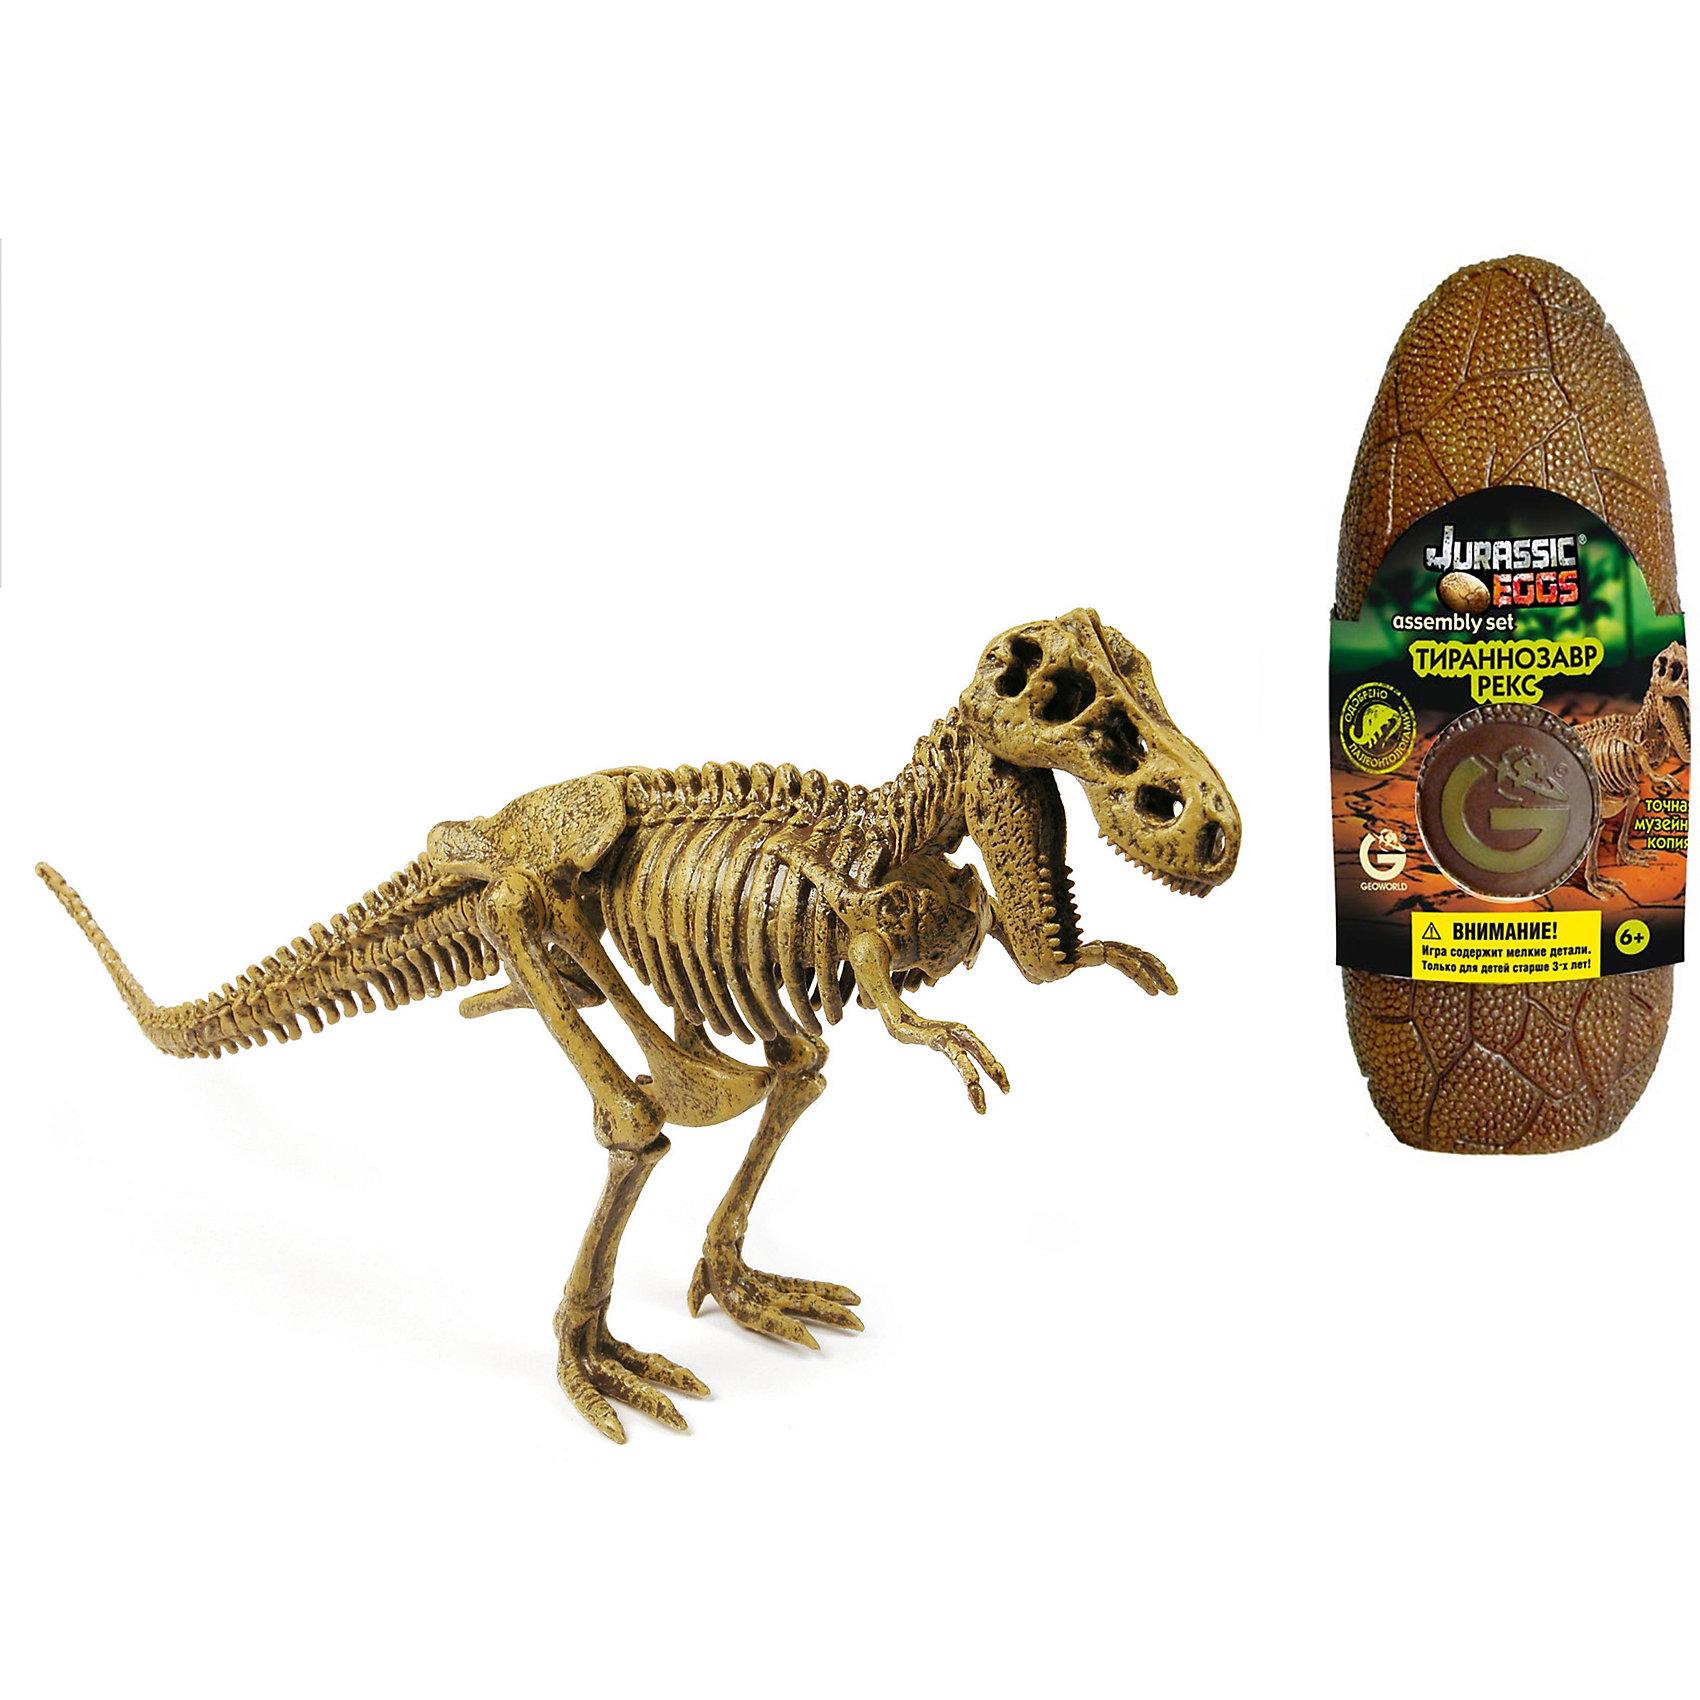 Яйцо динозавра - сборная модель Т-Рекс, GeoworldДеревянные конструкторы<br>Яйцо динозавра Jurassic Eggs — это сборная модель скелета древнего ящера, которую ребенок должен собрать своими руками. В яйце находятся детали, необходимые для сборки, и брошюра. В этом яйце спрятана сборная модель Тираннозавра Рекса (Т-Рекс) — знаменитого хищника. Он был одним из самых крупных хищных ящеров и жил в самое позднее время существования динозавров. Детализированная сборная модель по своему качеству приравнивается к музейному экспонату. Скелет в собранном виде может стать оригинальным сувениром, украшением вашего дома. Сборка палеонтологической модели подогреет интересы юного ученого, позволит тренировать моторику, пространственное мышление и внимательность. Длина собранной модели: 34 см.  детали, яйцо, брошюра.<br><br>Ширина мм: 80<br>Глубина мм: 70<br>Высота мм: 200<br>Вес г: 190<br>Возраст от месяцев: 36<br>Возраст до месяцев: 96<br>Пол: Унисекс<br>Возраст: Детский<br>SKU: 5418975